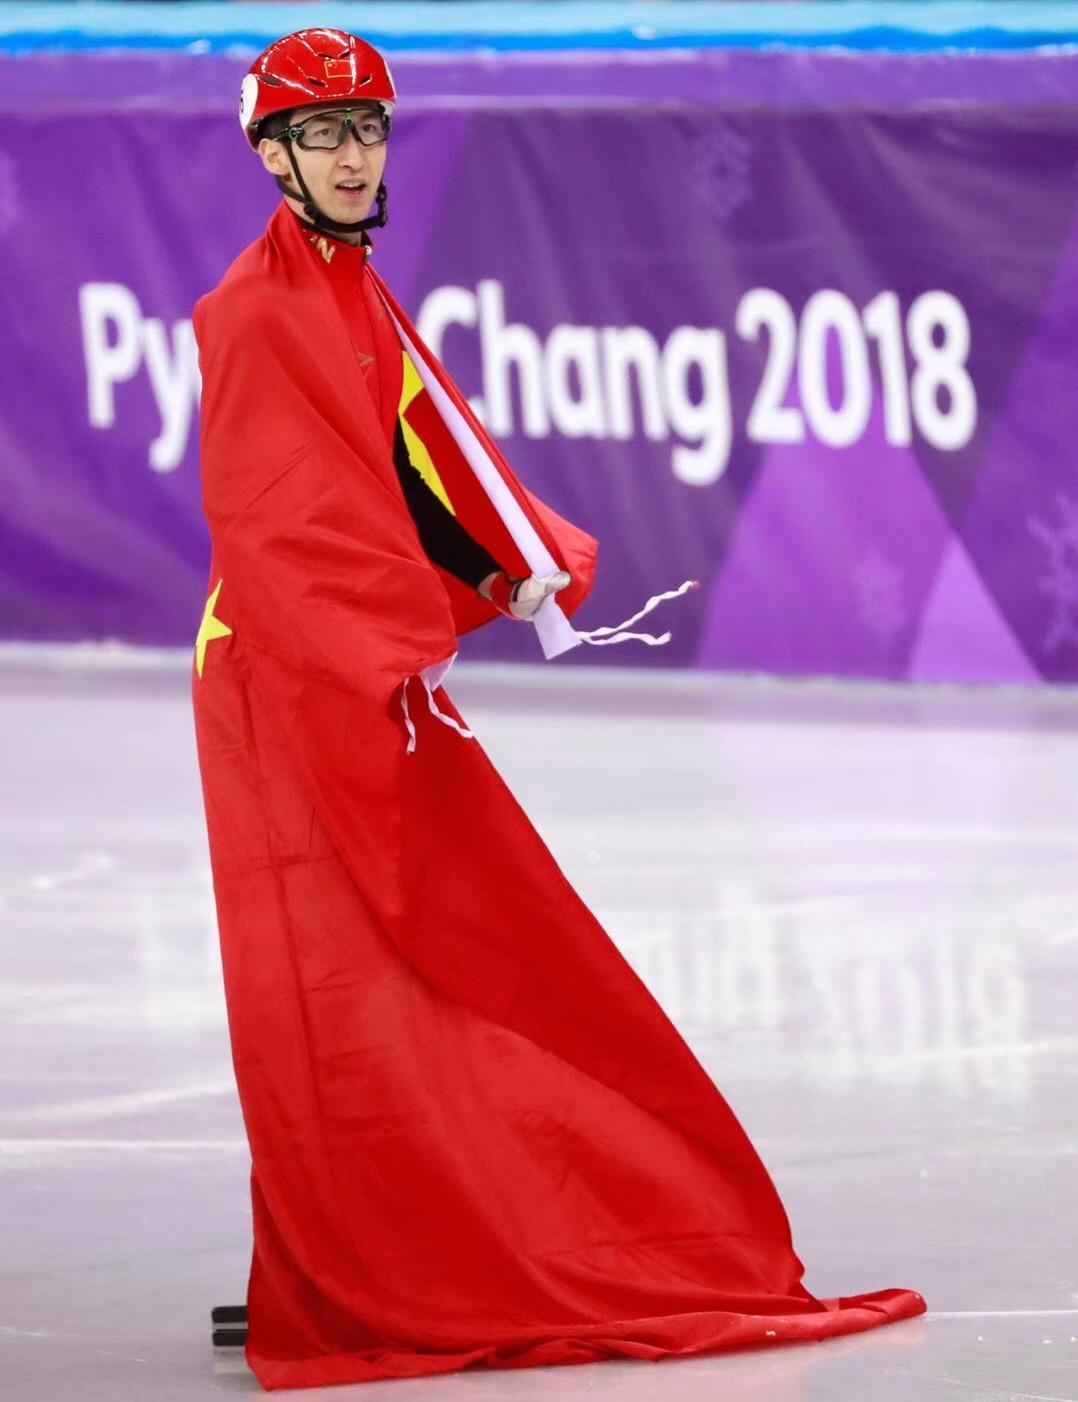 看韩国队摔跤比拿金牌还爽?为何韩国队如此招人嫌